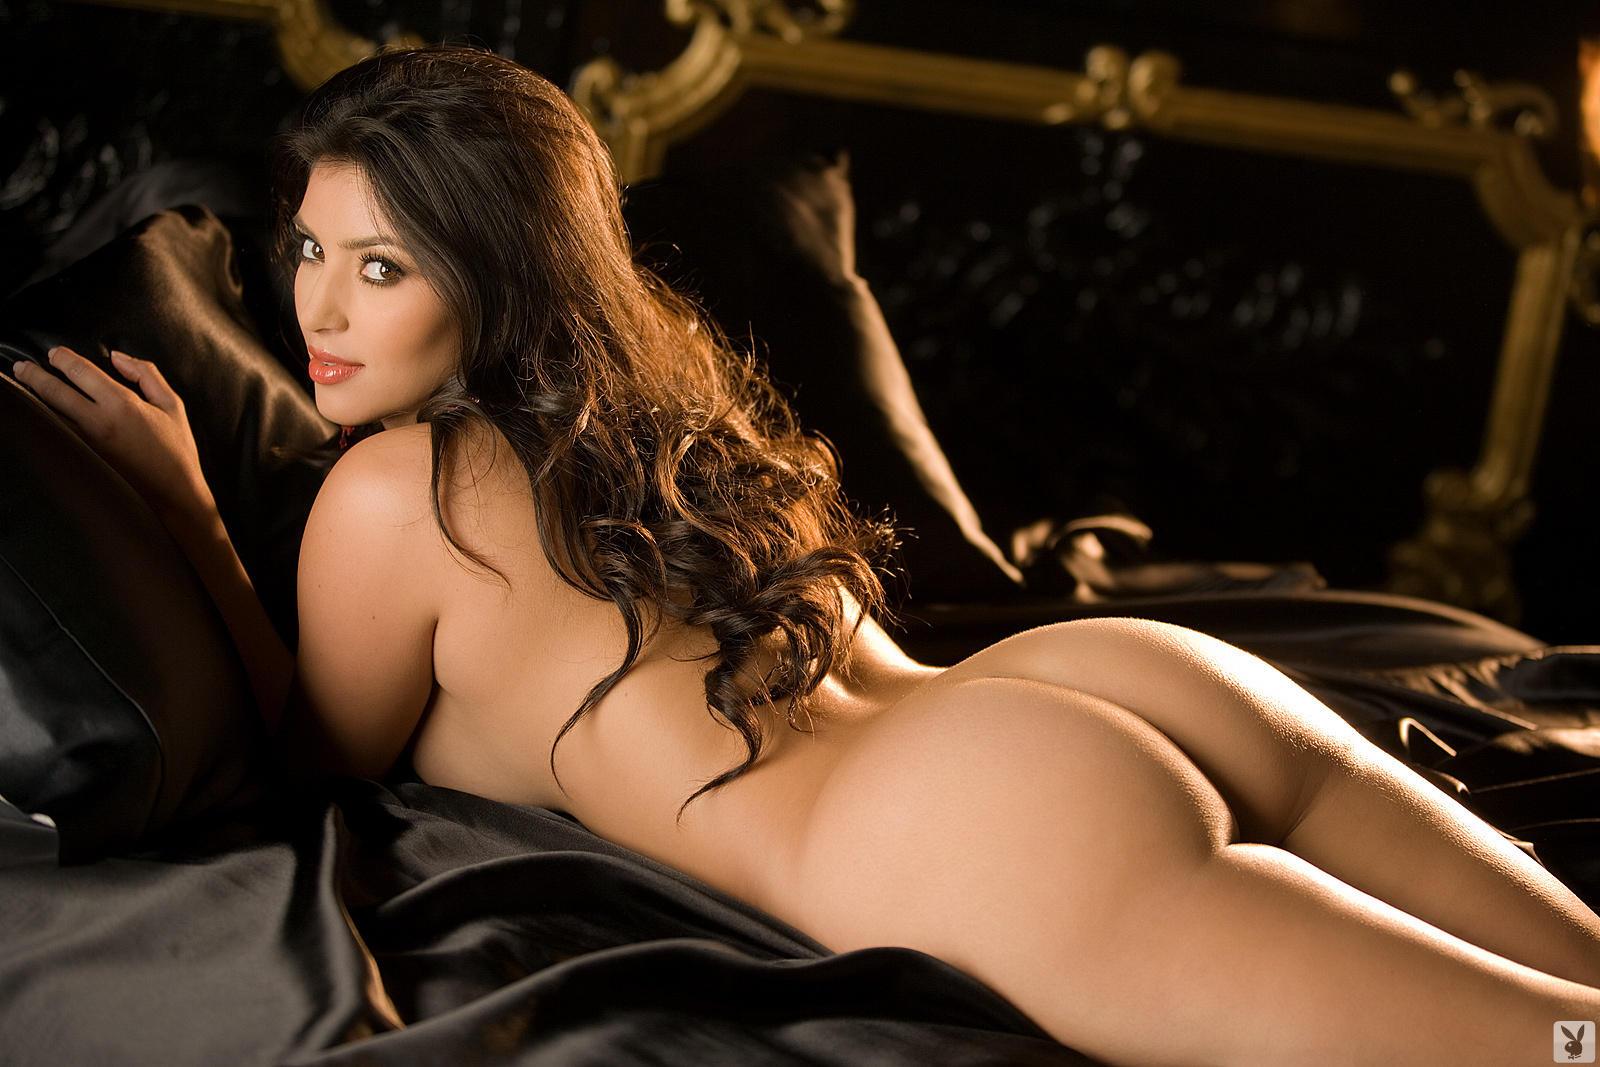 Nude photos christina aguilara